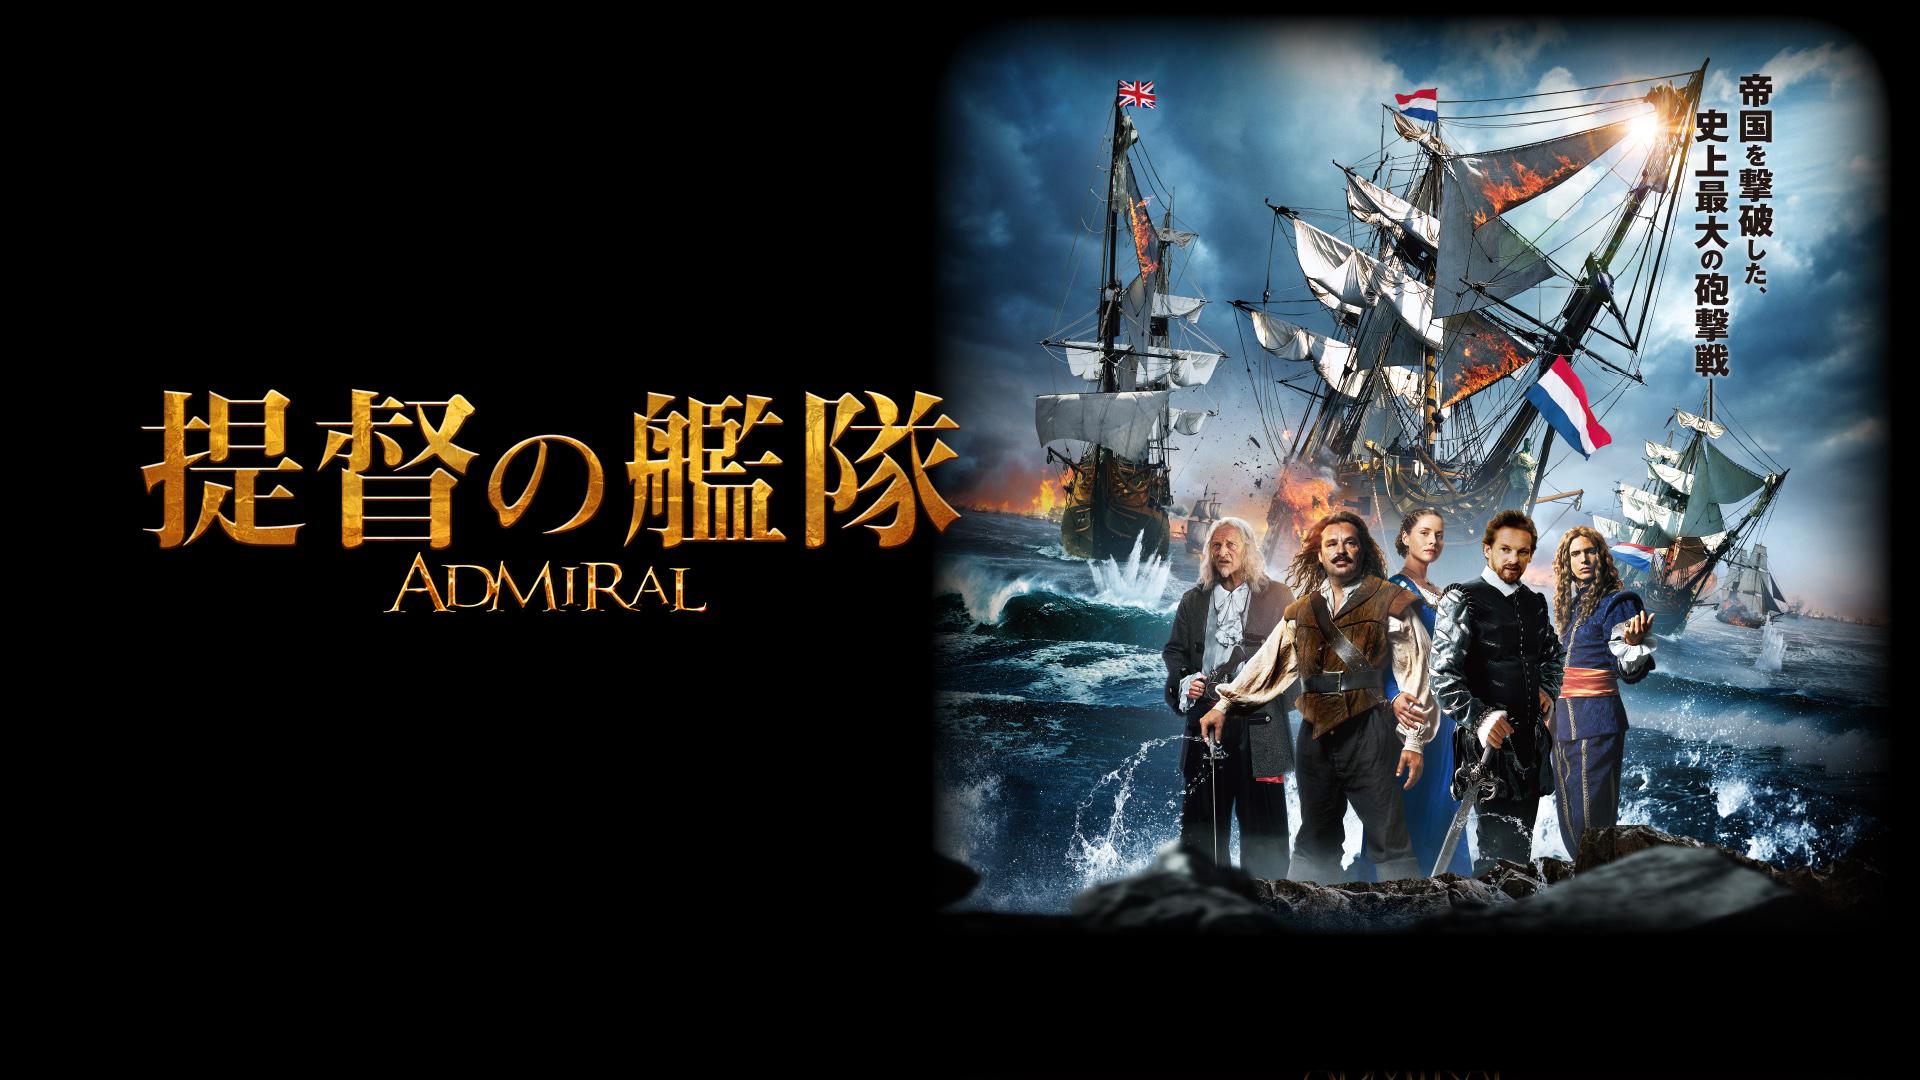 提督の艦隊